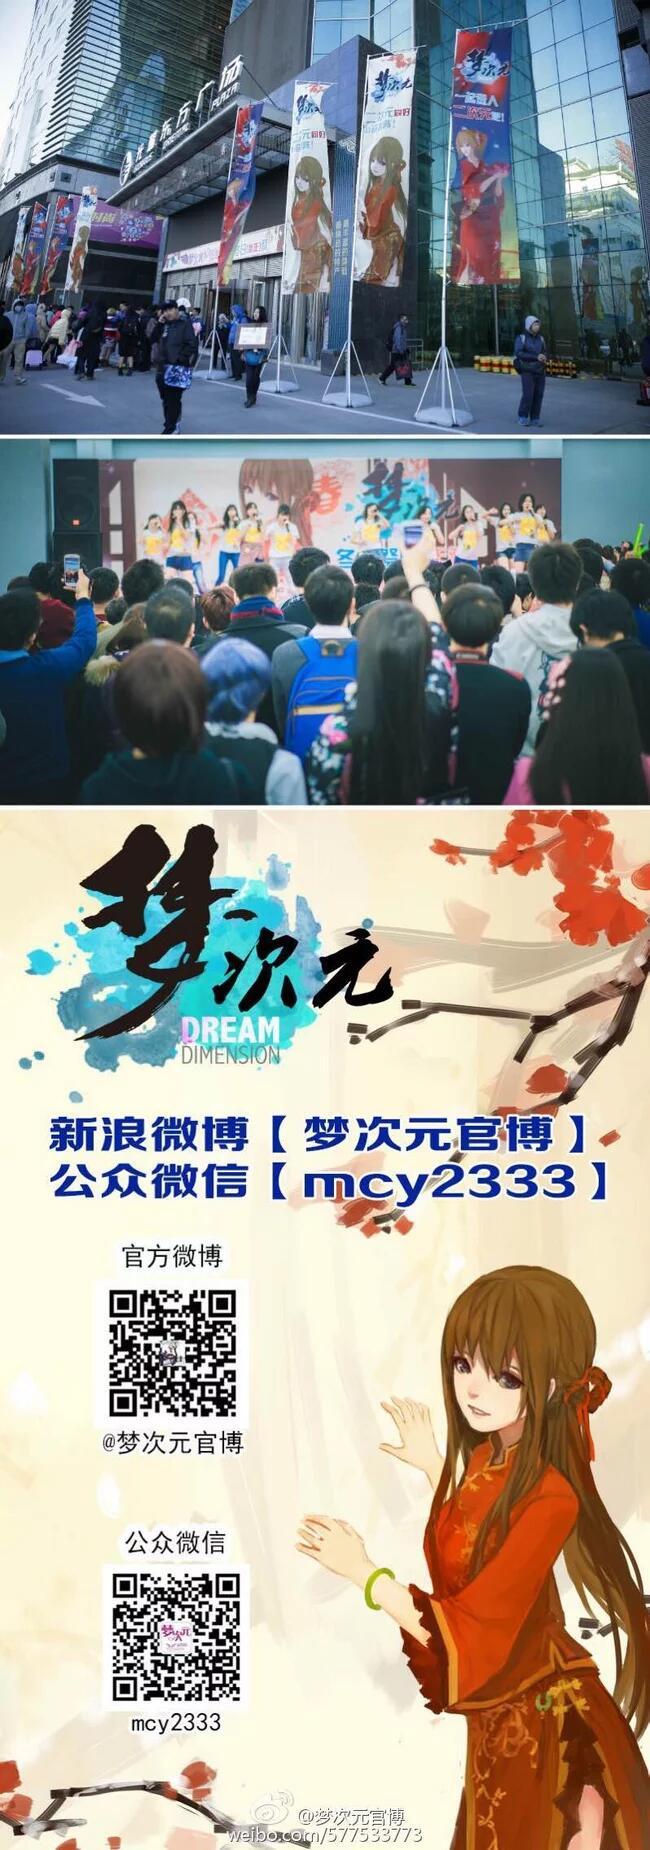 2017年1月21梦次元冬日祭(新年祭)定档!